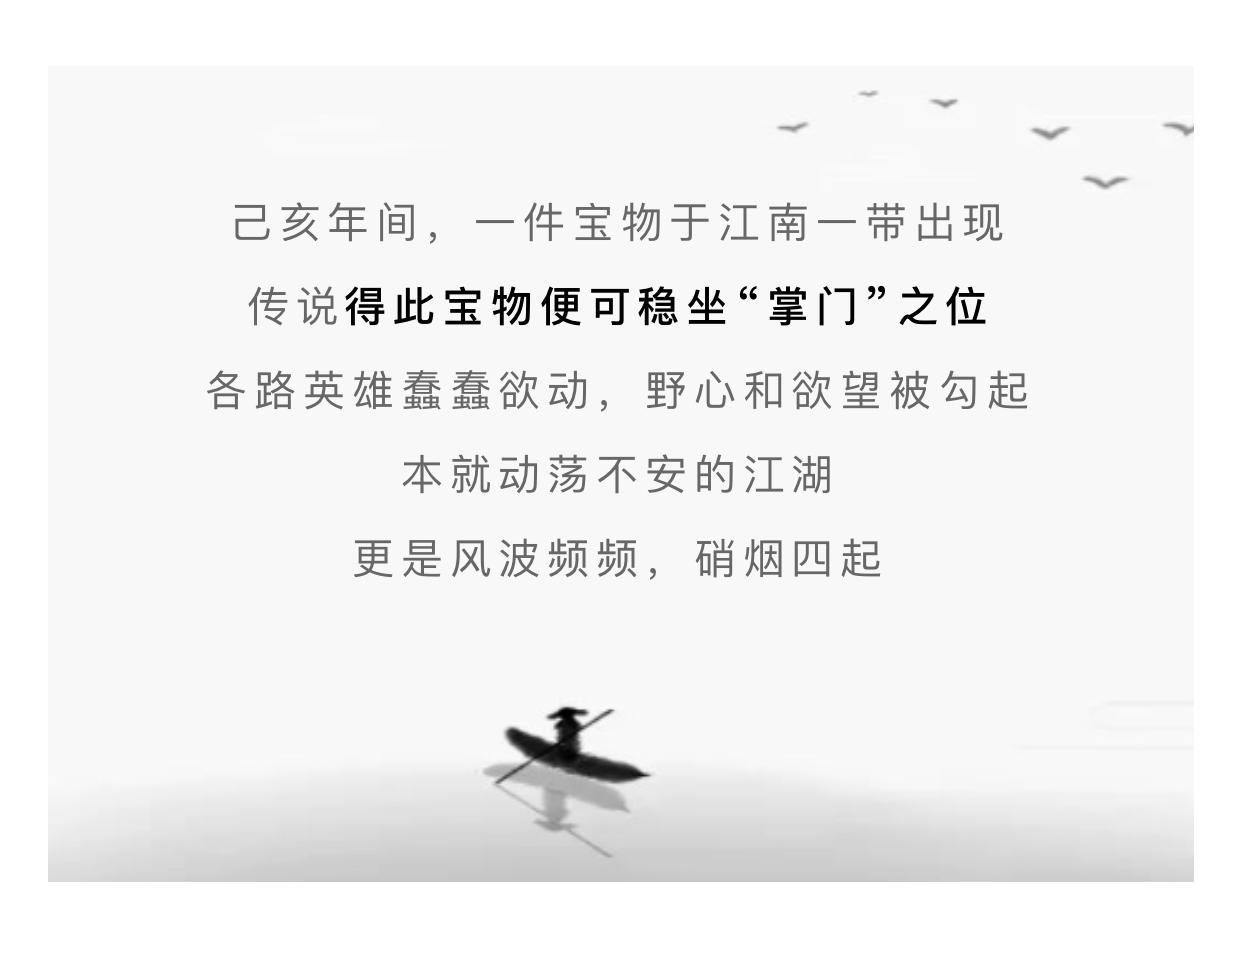 微信图片_20200326114124